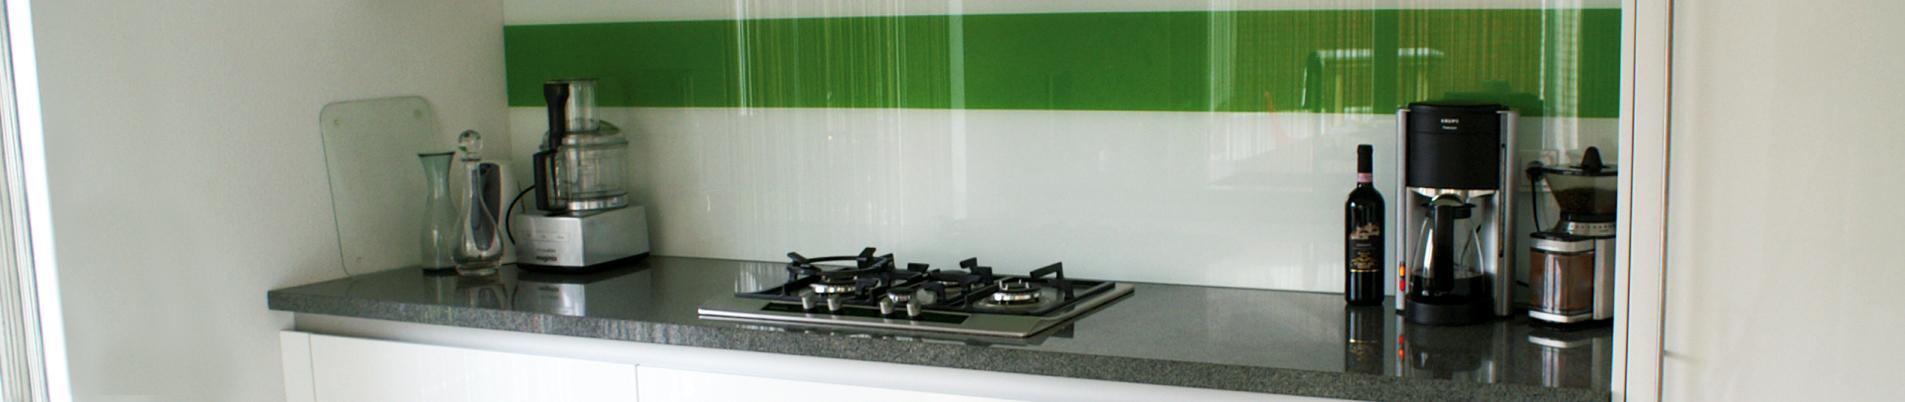 Interieurglas voor alle toepassingen jongbloed zn - Keuken glas werkplaats ...